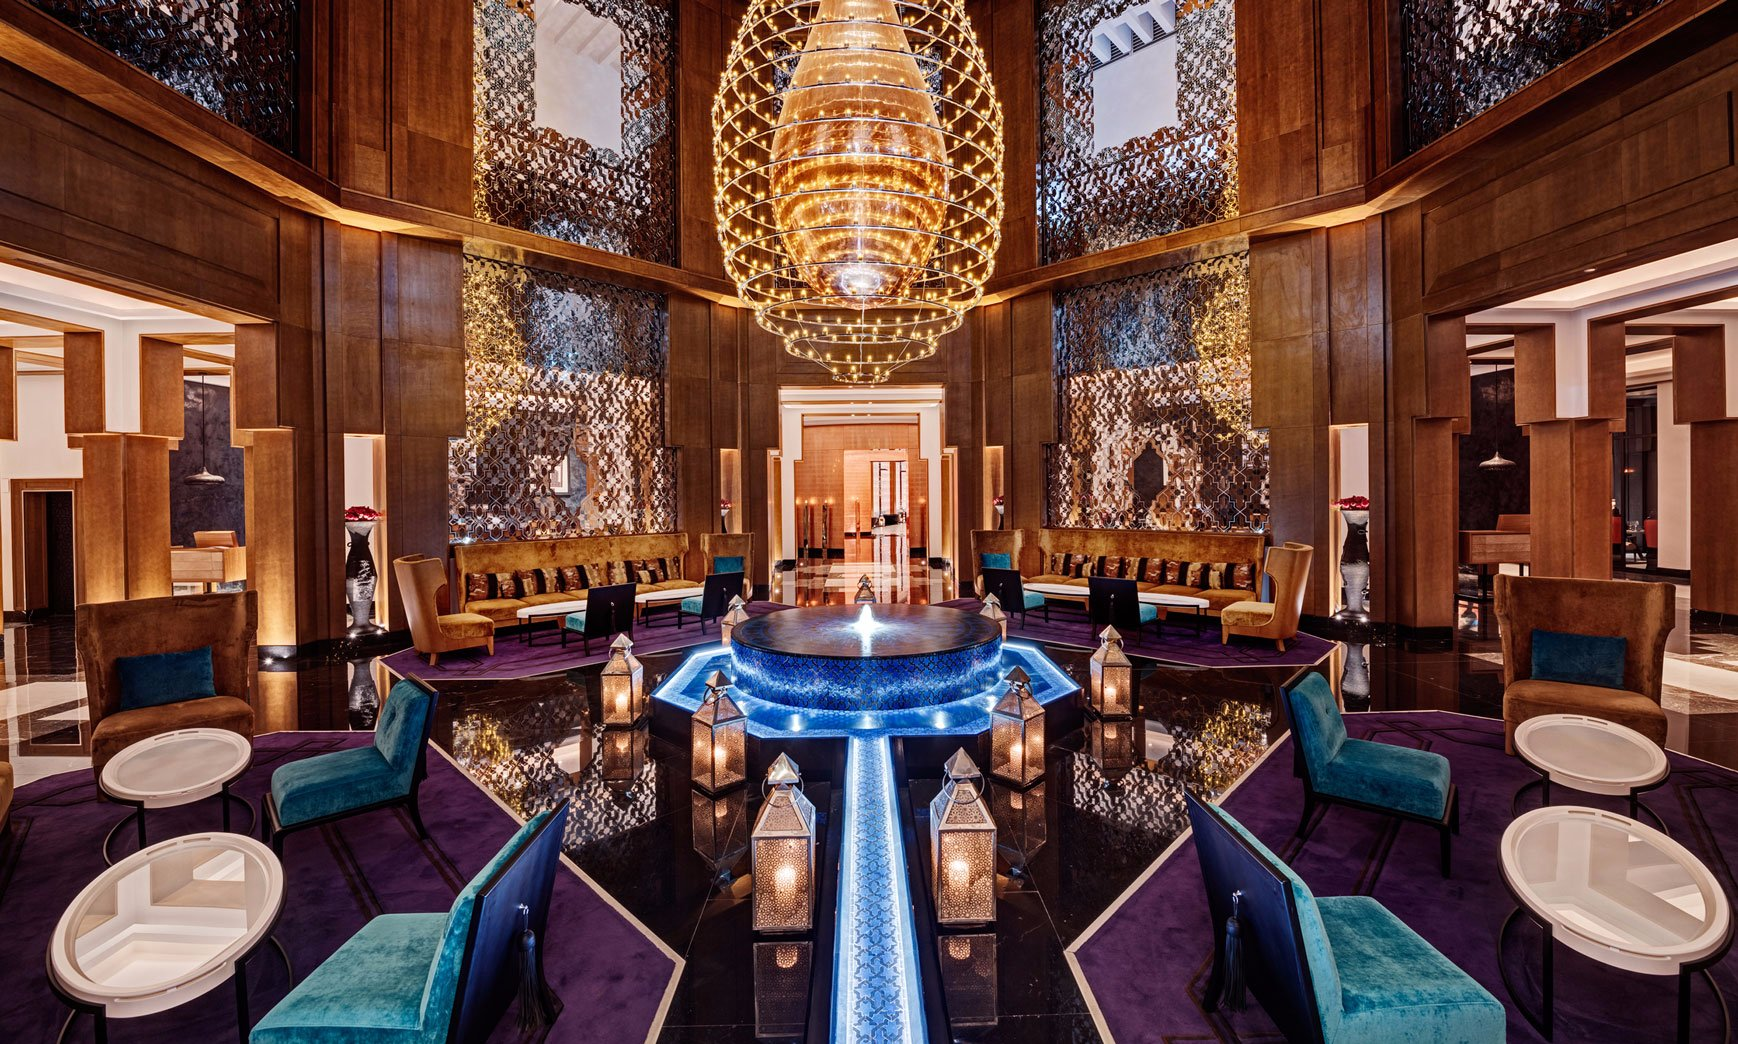 Movenpick Hotel Mansour Eddahbi & Palais des Congres Marrakech